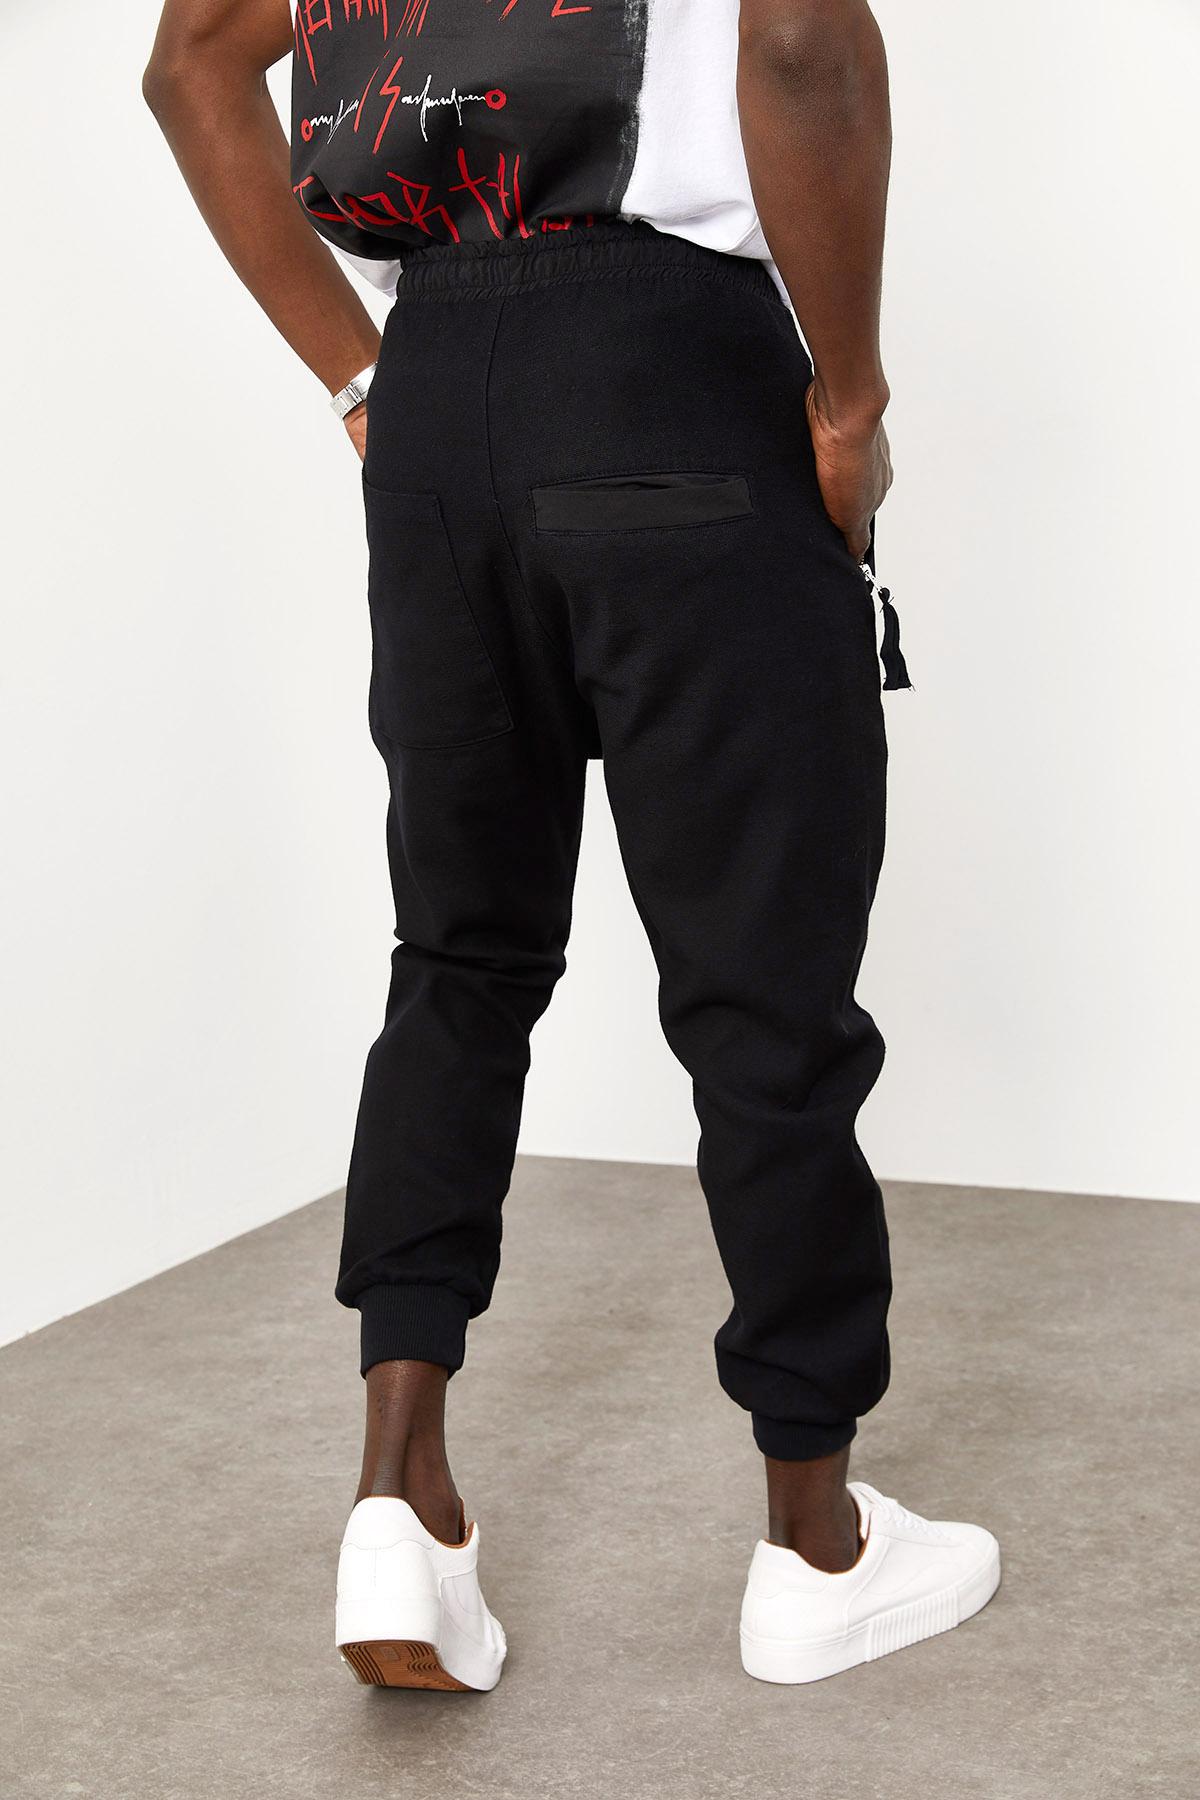 Siyah Cepli Fermuarlı Eşofman Altı 1YXE8-44966-02